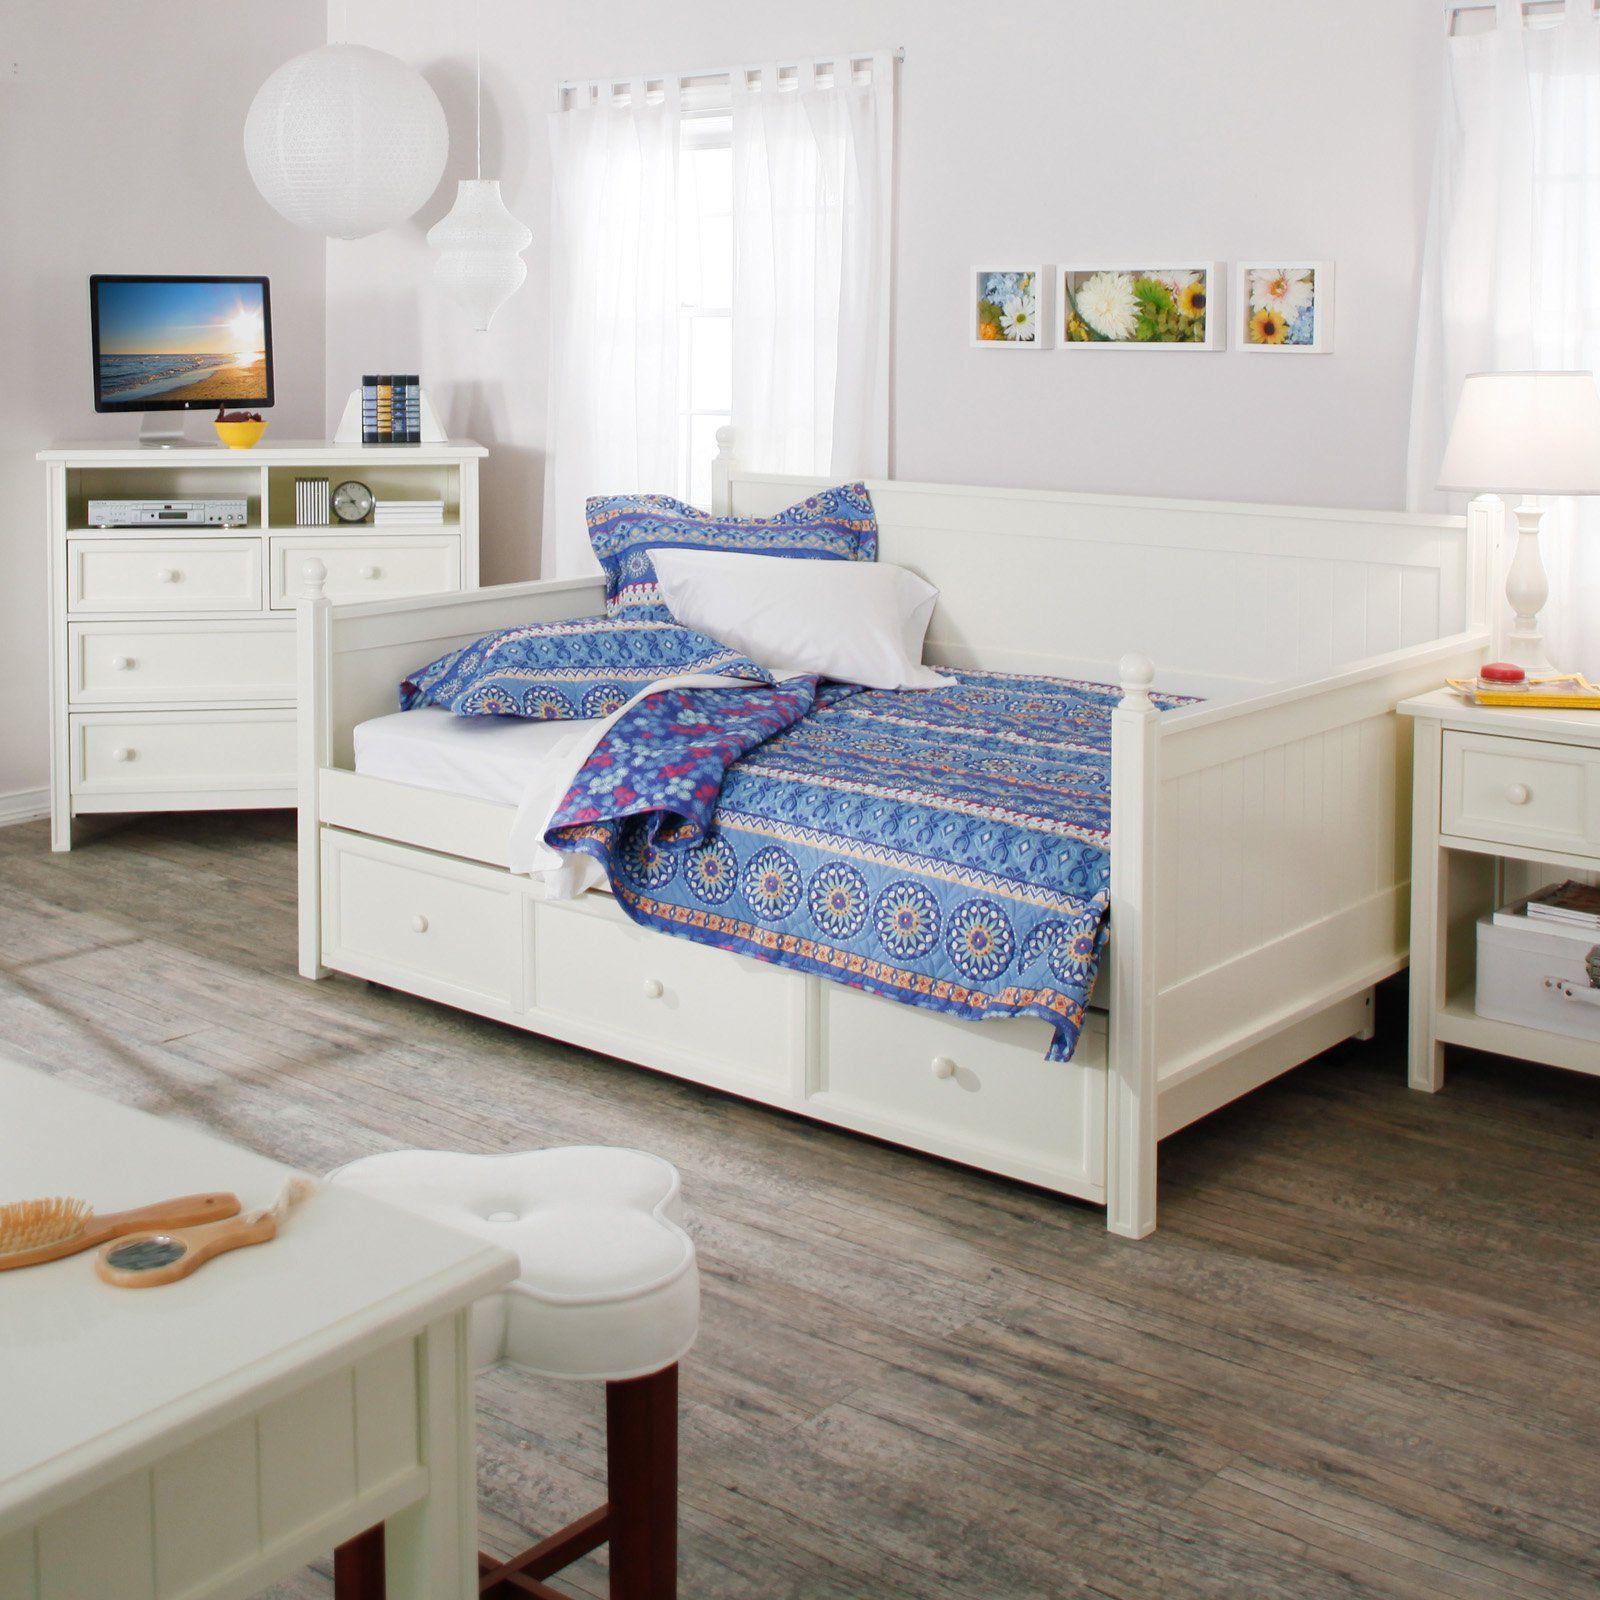 Le lit gigogne et les autres meubles de la chambre de bébé sont fabriqués dans le même style